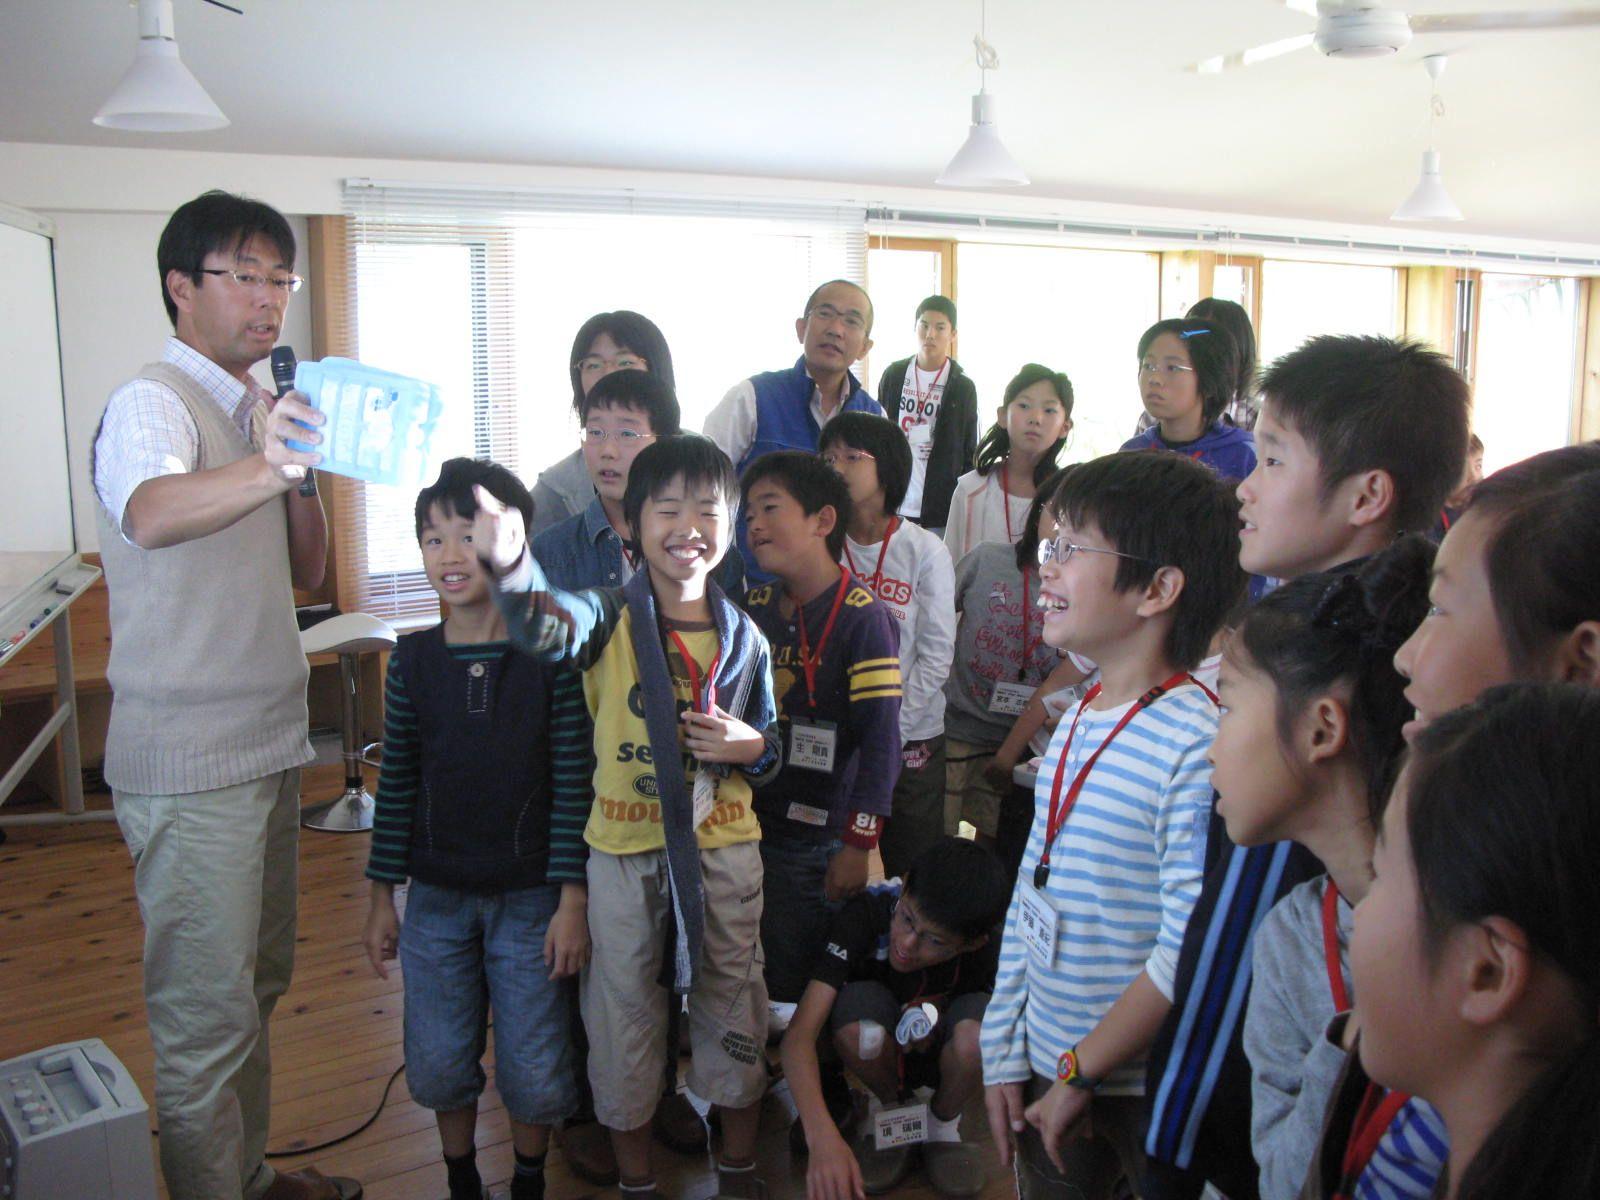 子どもたちから歓声があがりました。